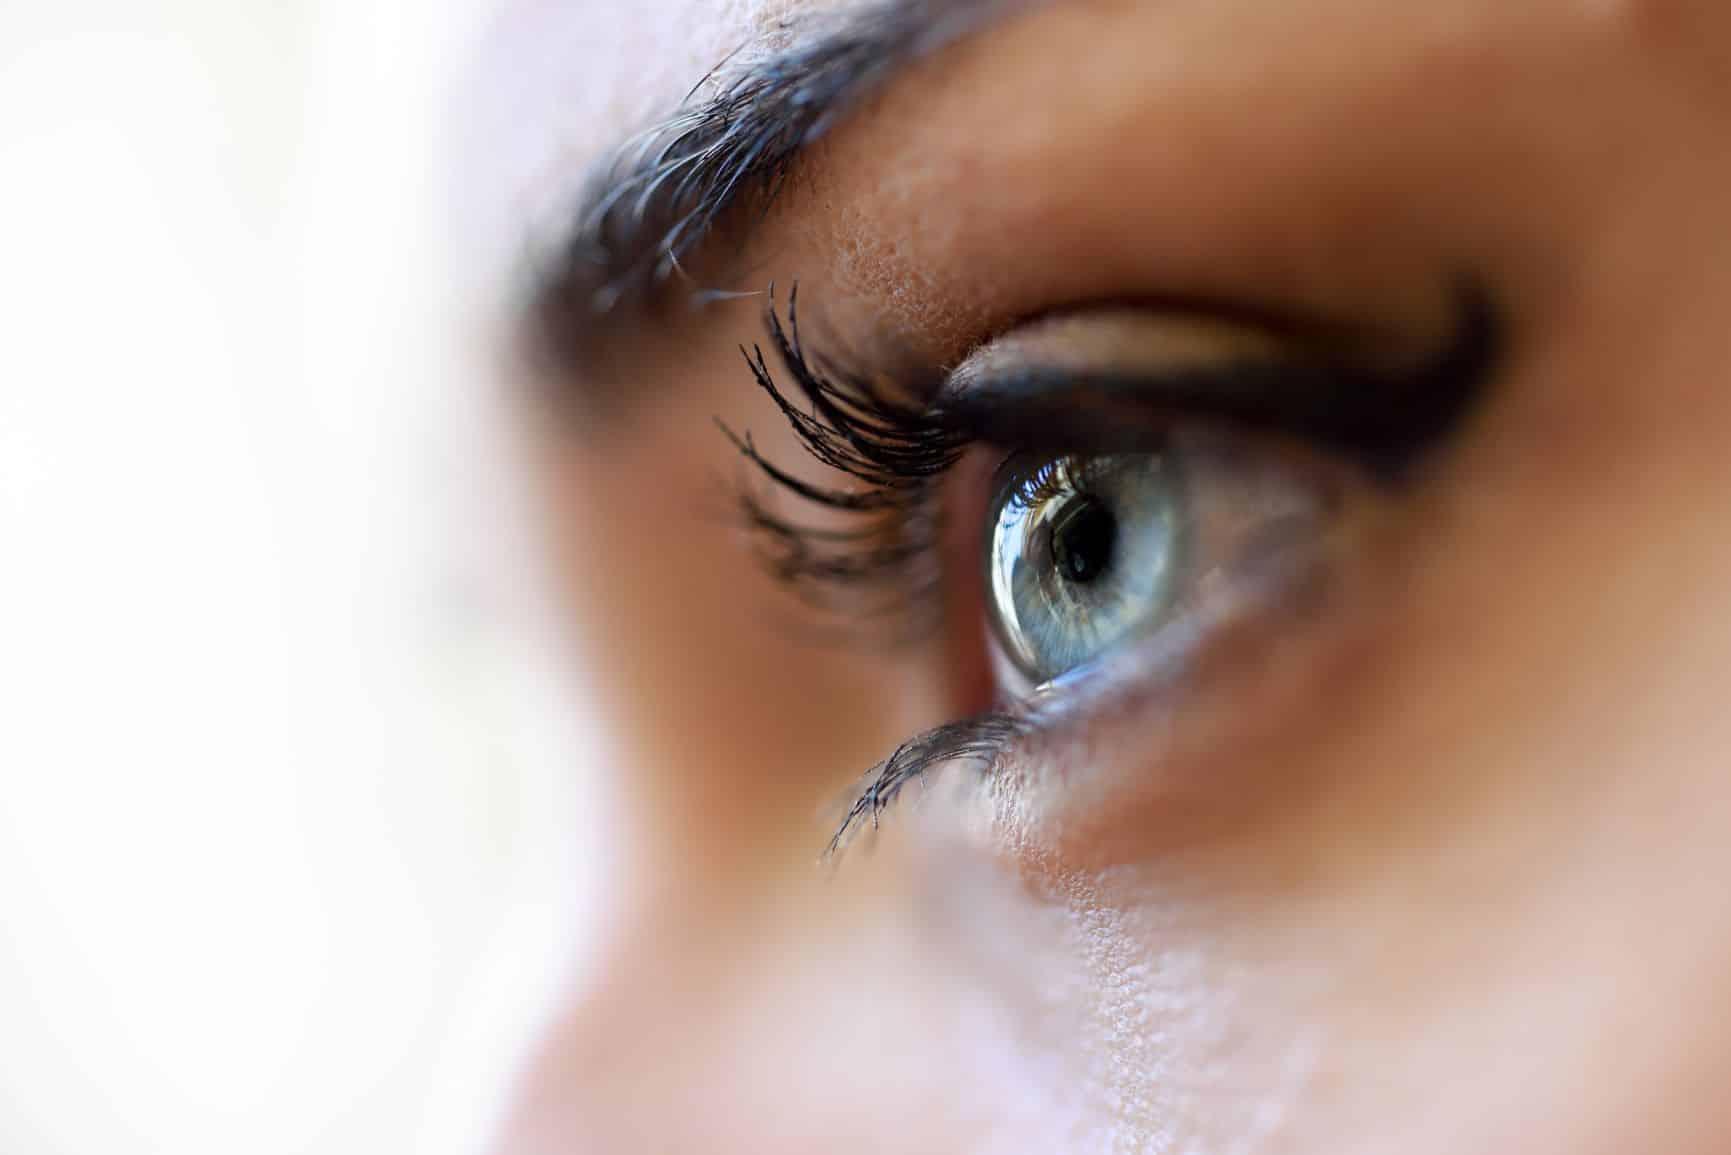 Lézeres szemműtét - A 10 legfontosabb kérdés és válasz | Képmás